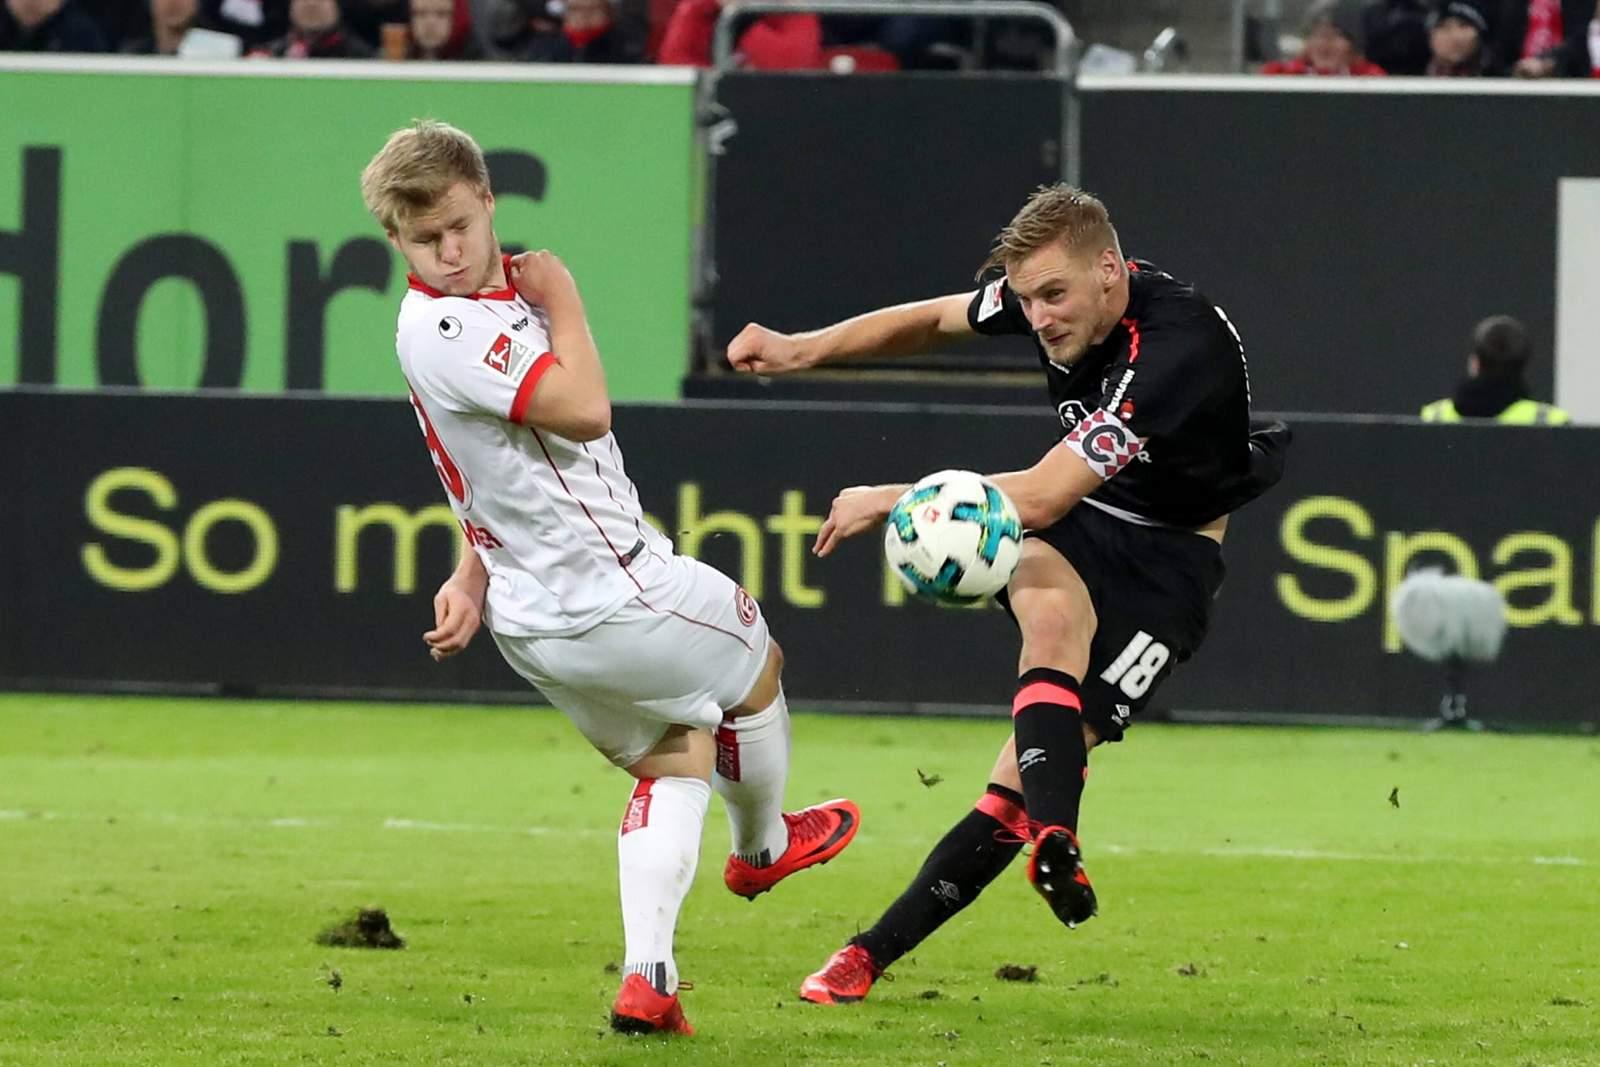 Hanno Behrens zieht vor Jean Zimmer ab. Jetzt auf Nürnberg gegen Düsseldorf wetten.